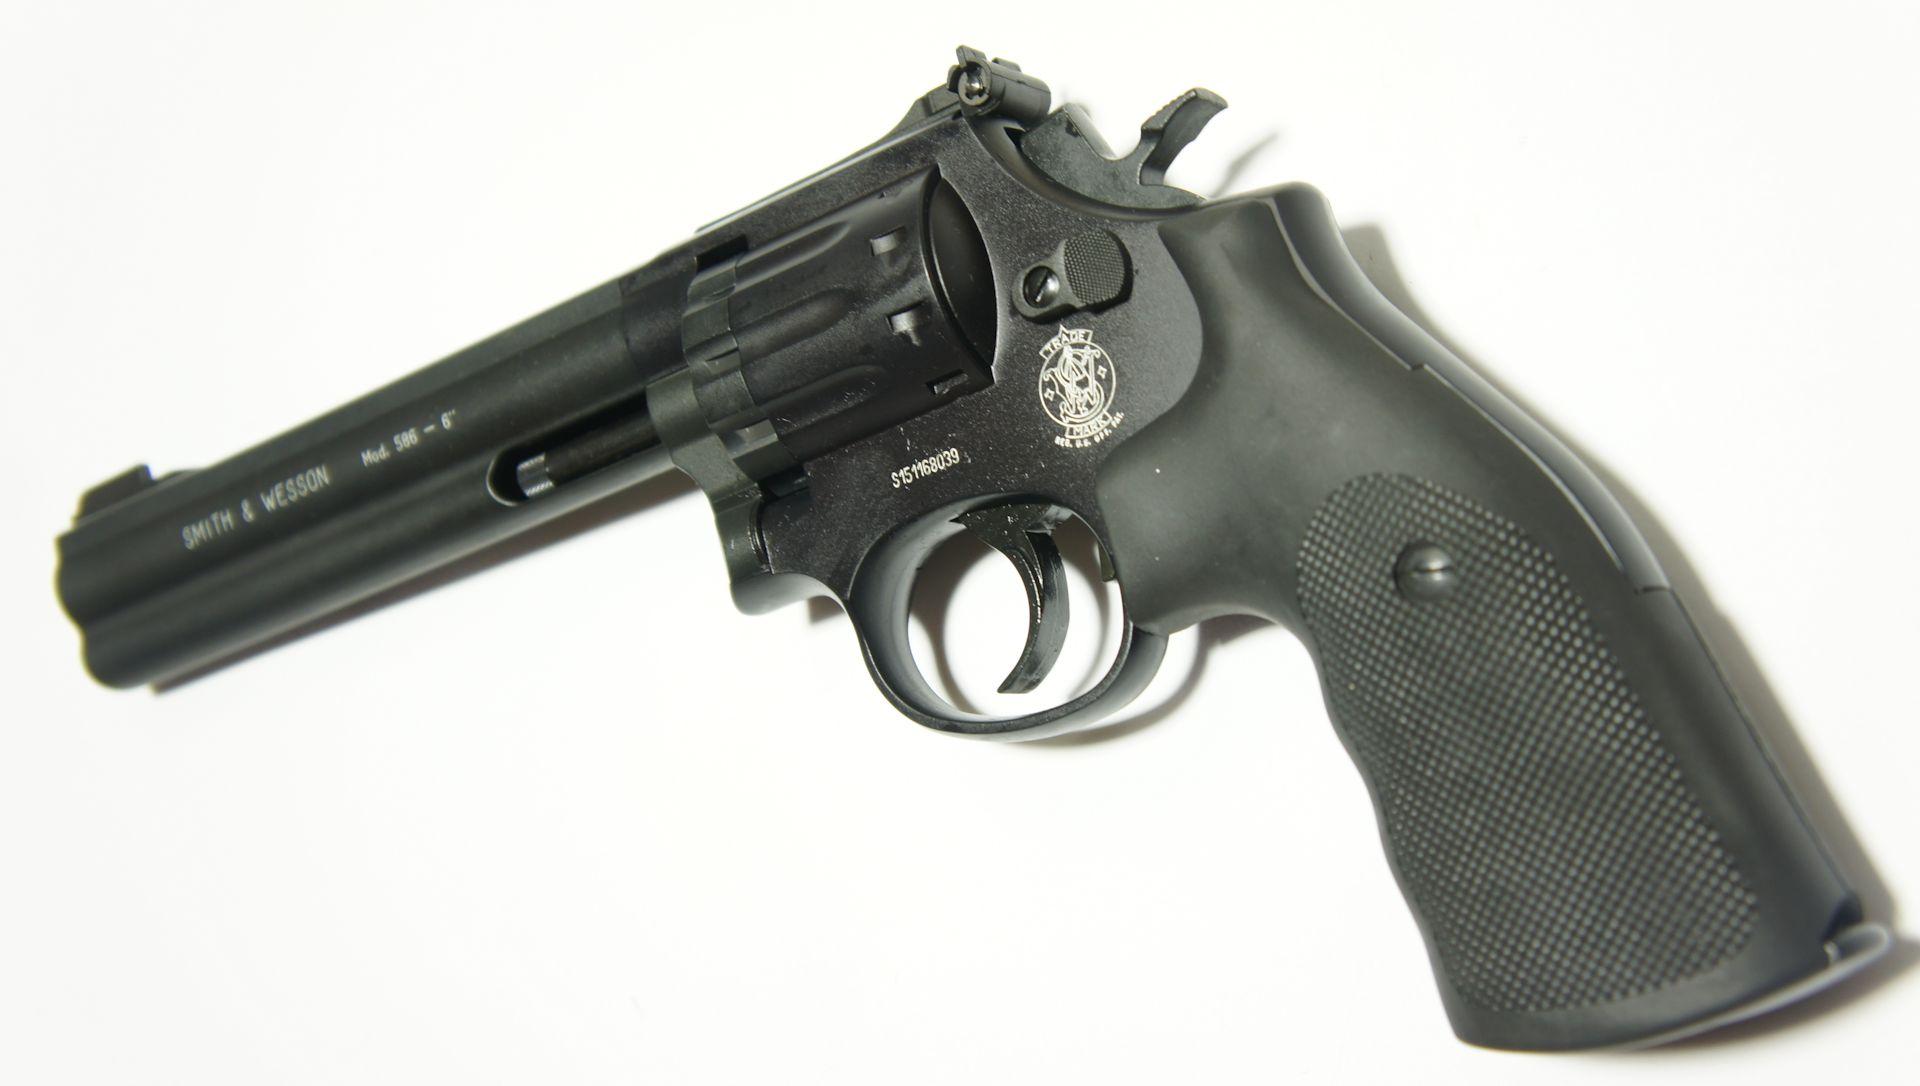 Smith & Wesson 586 CO2 Revolver mit 6 Zoll Lauf